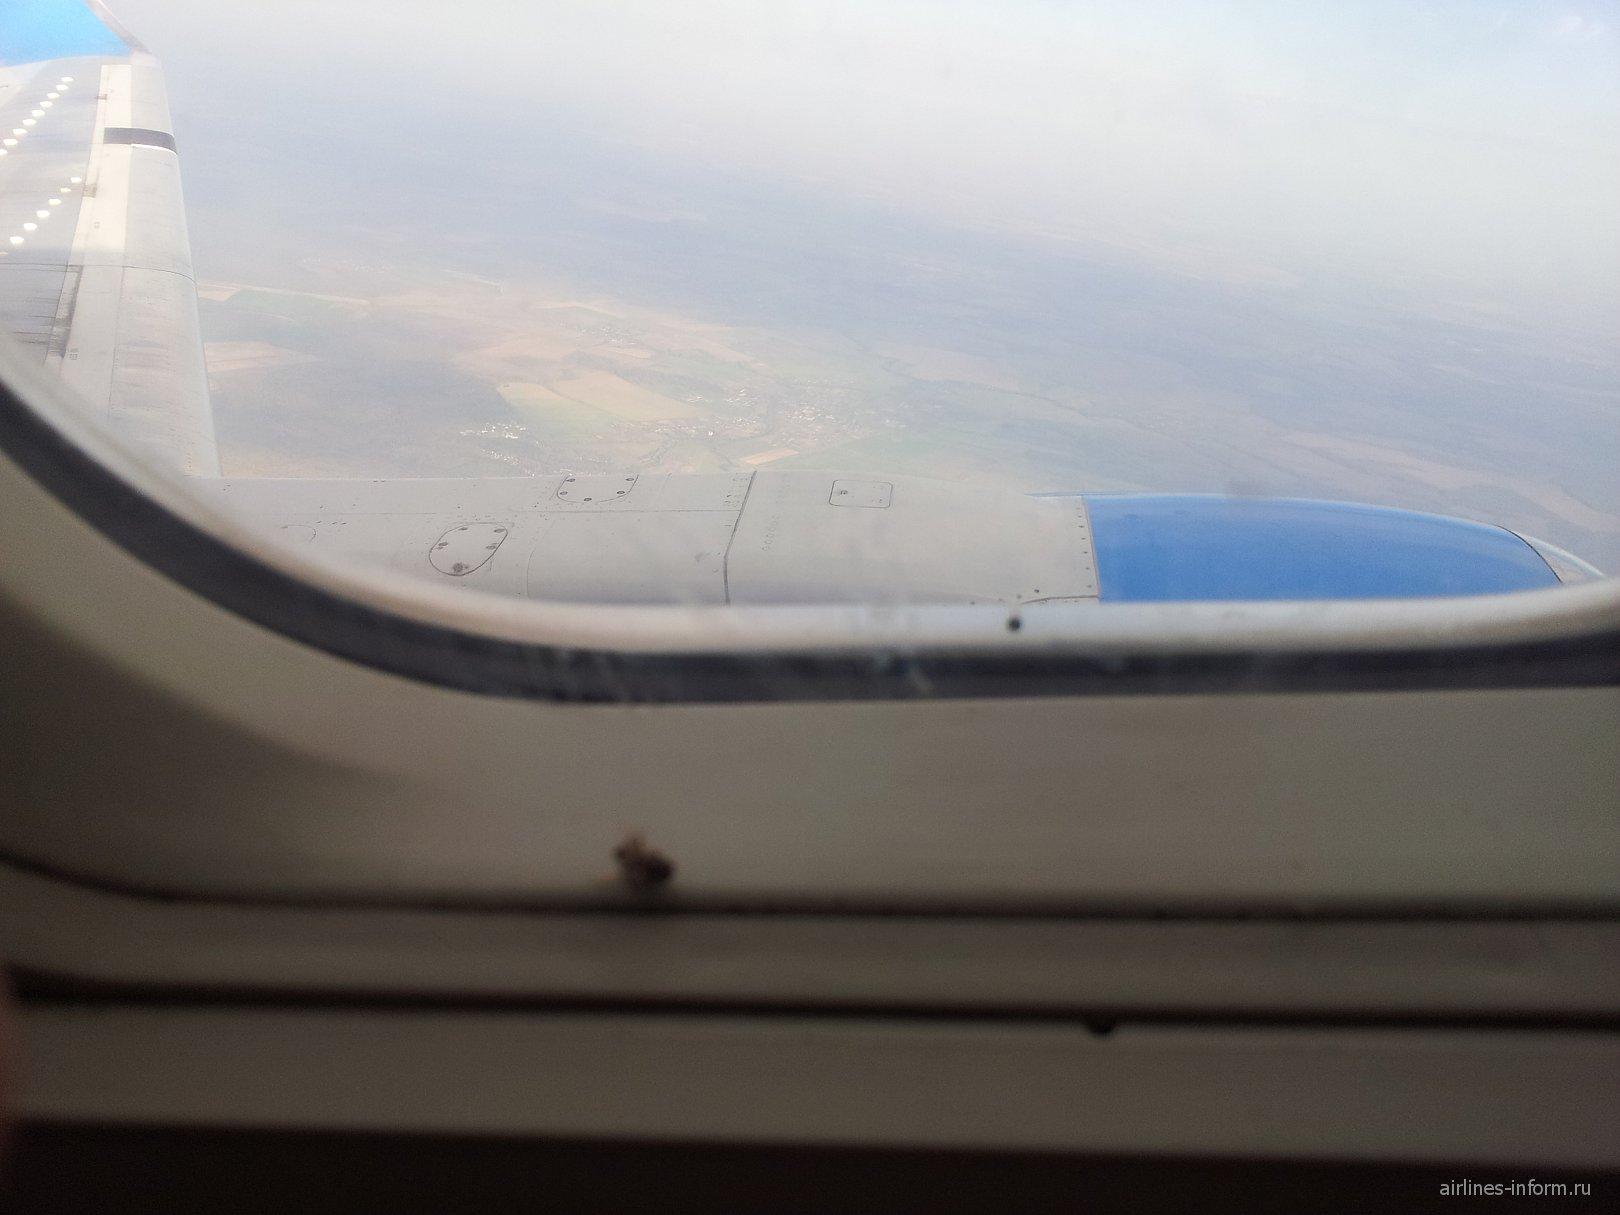 Рейс Москва-Шымкент авиакомпании СКАТ